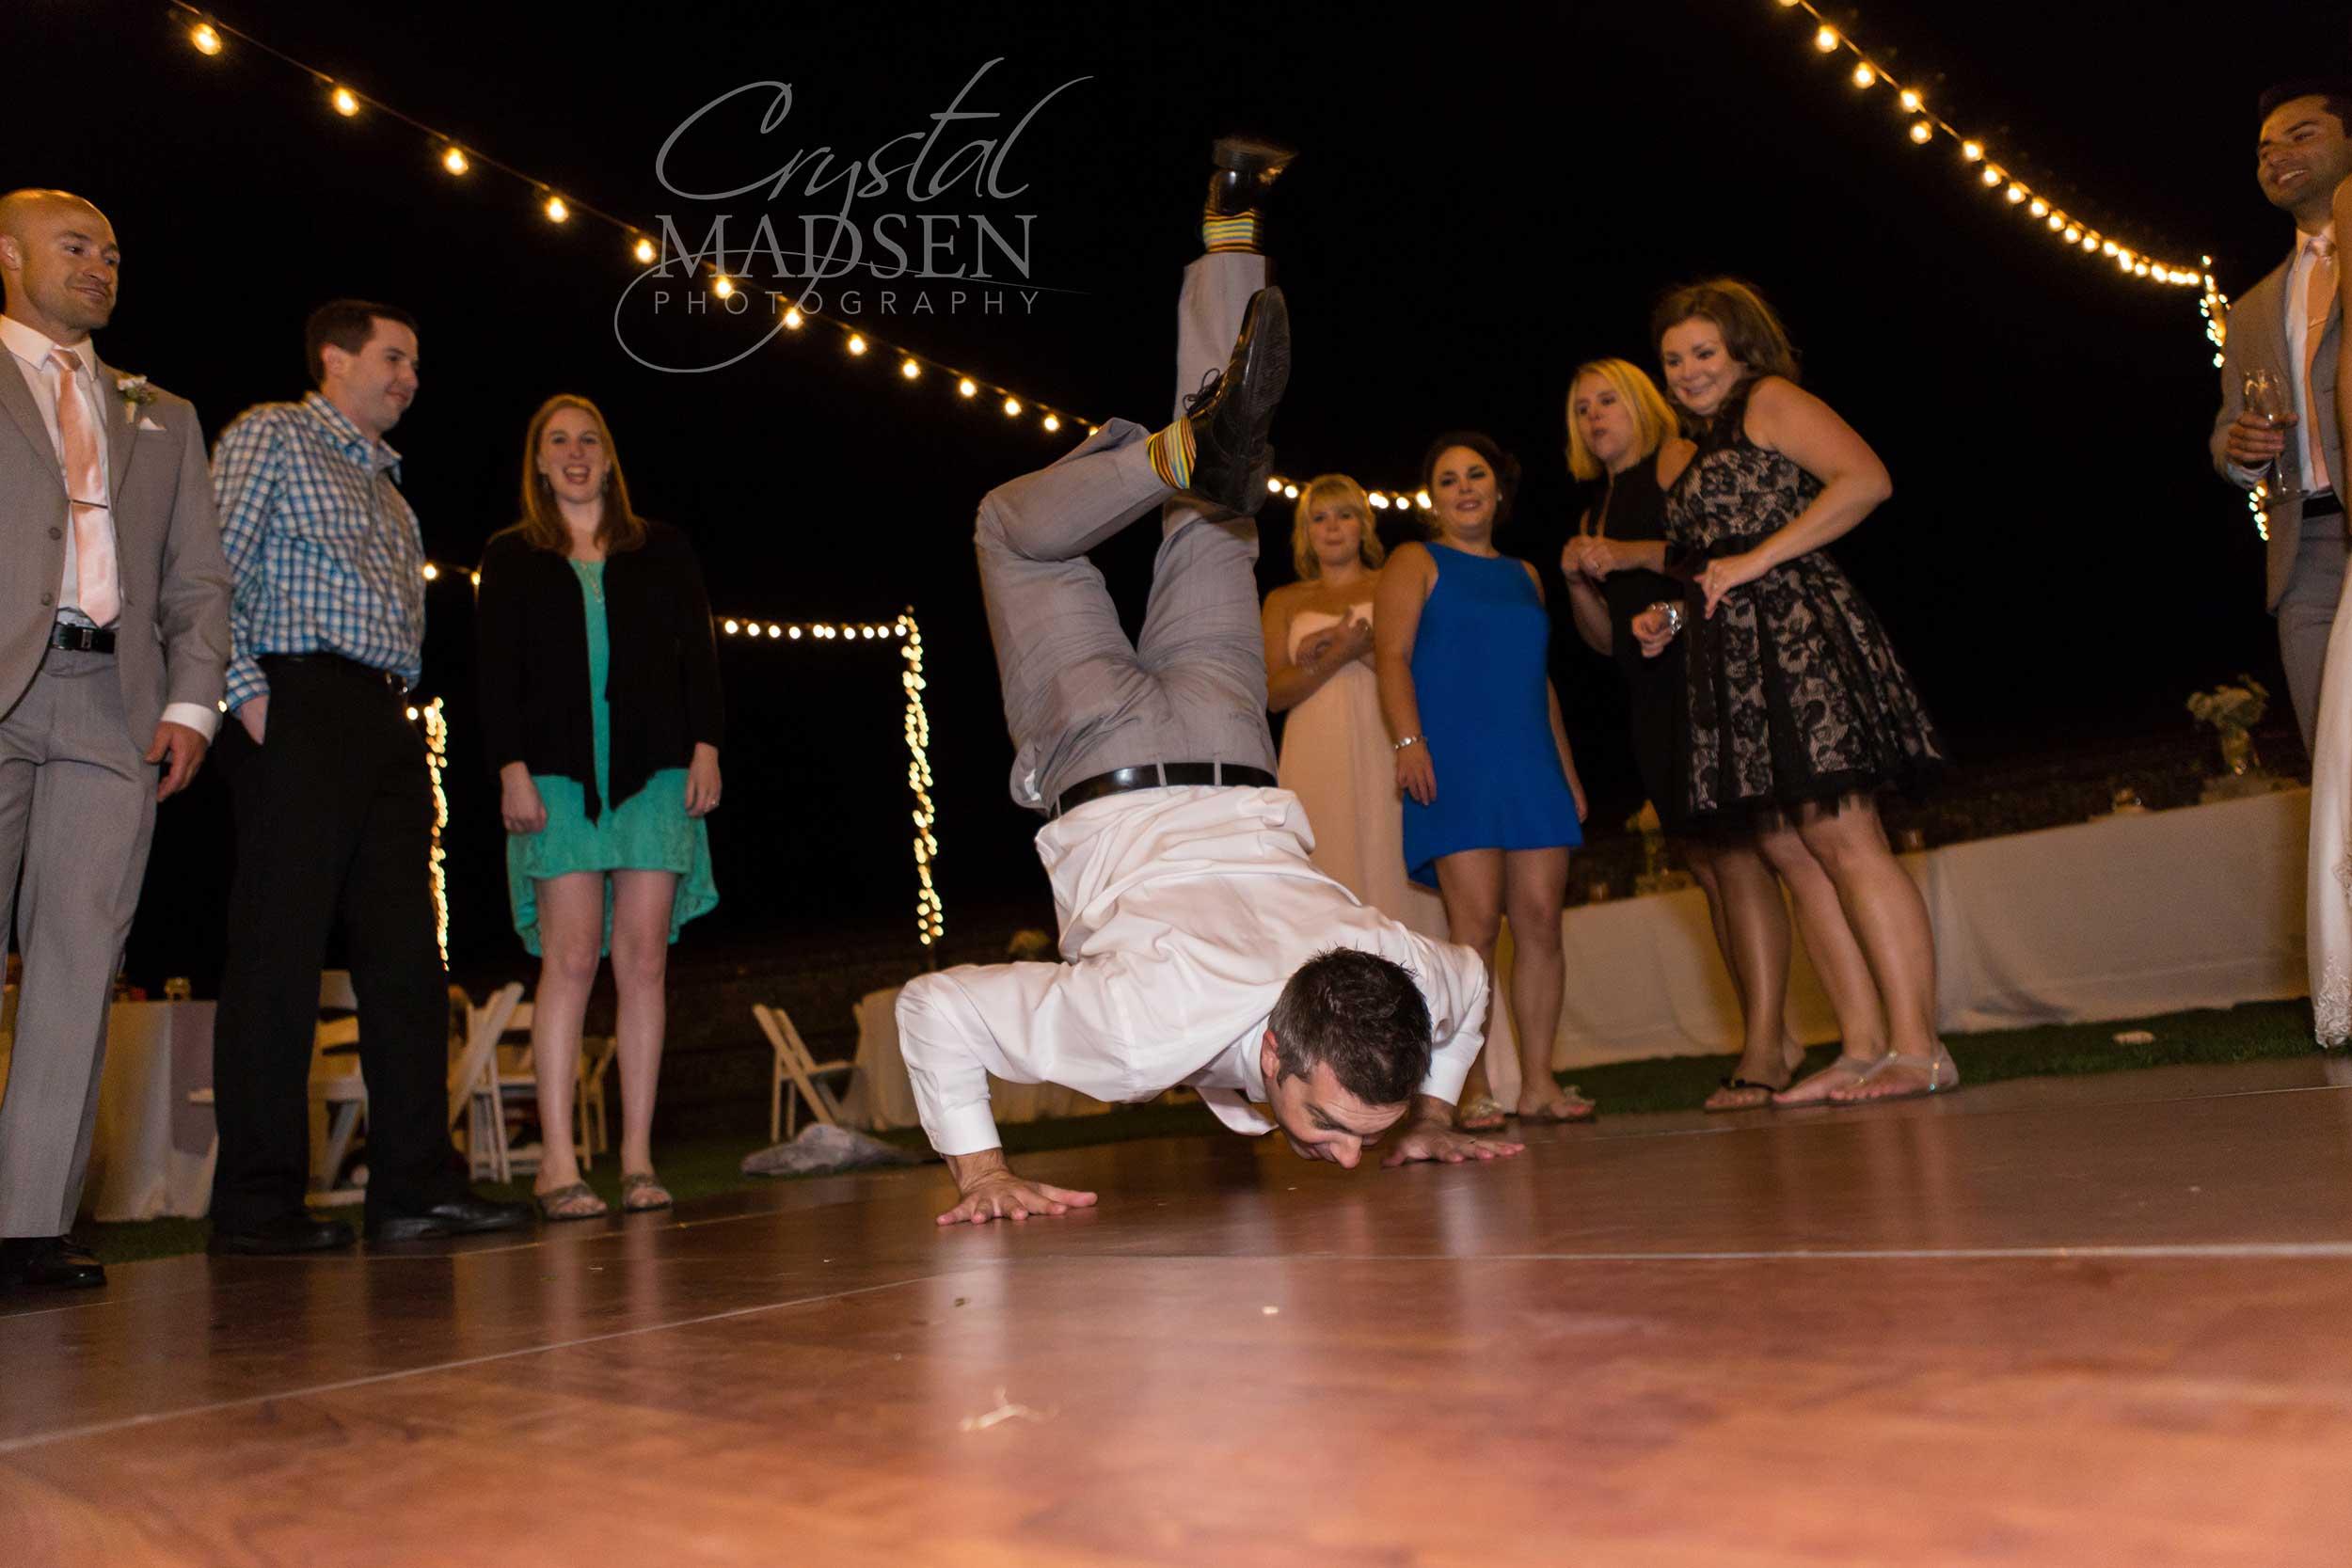 Wedding Reception Fun Photos